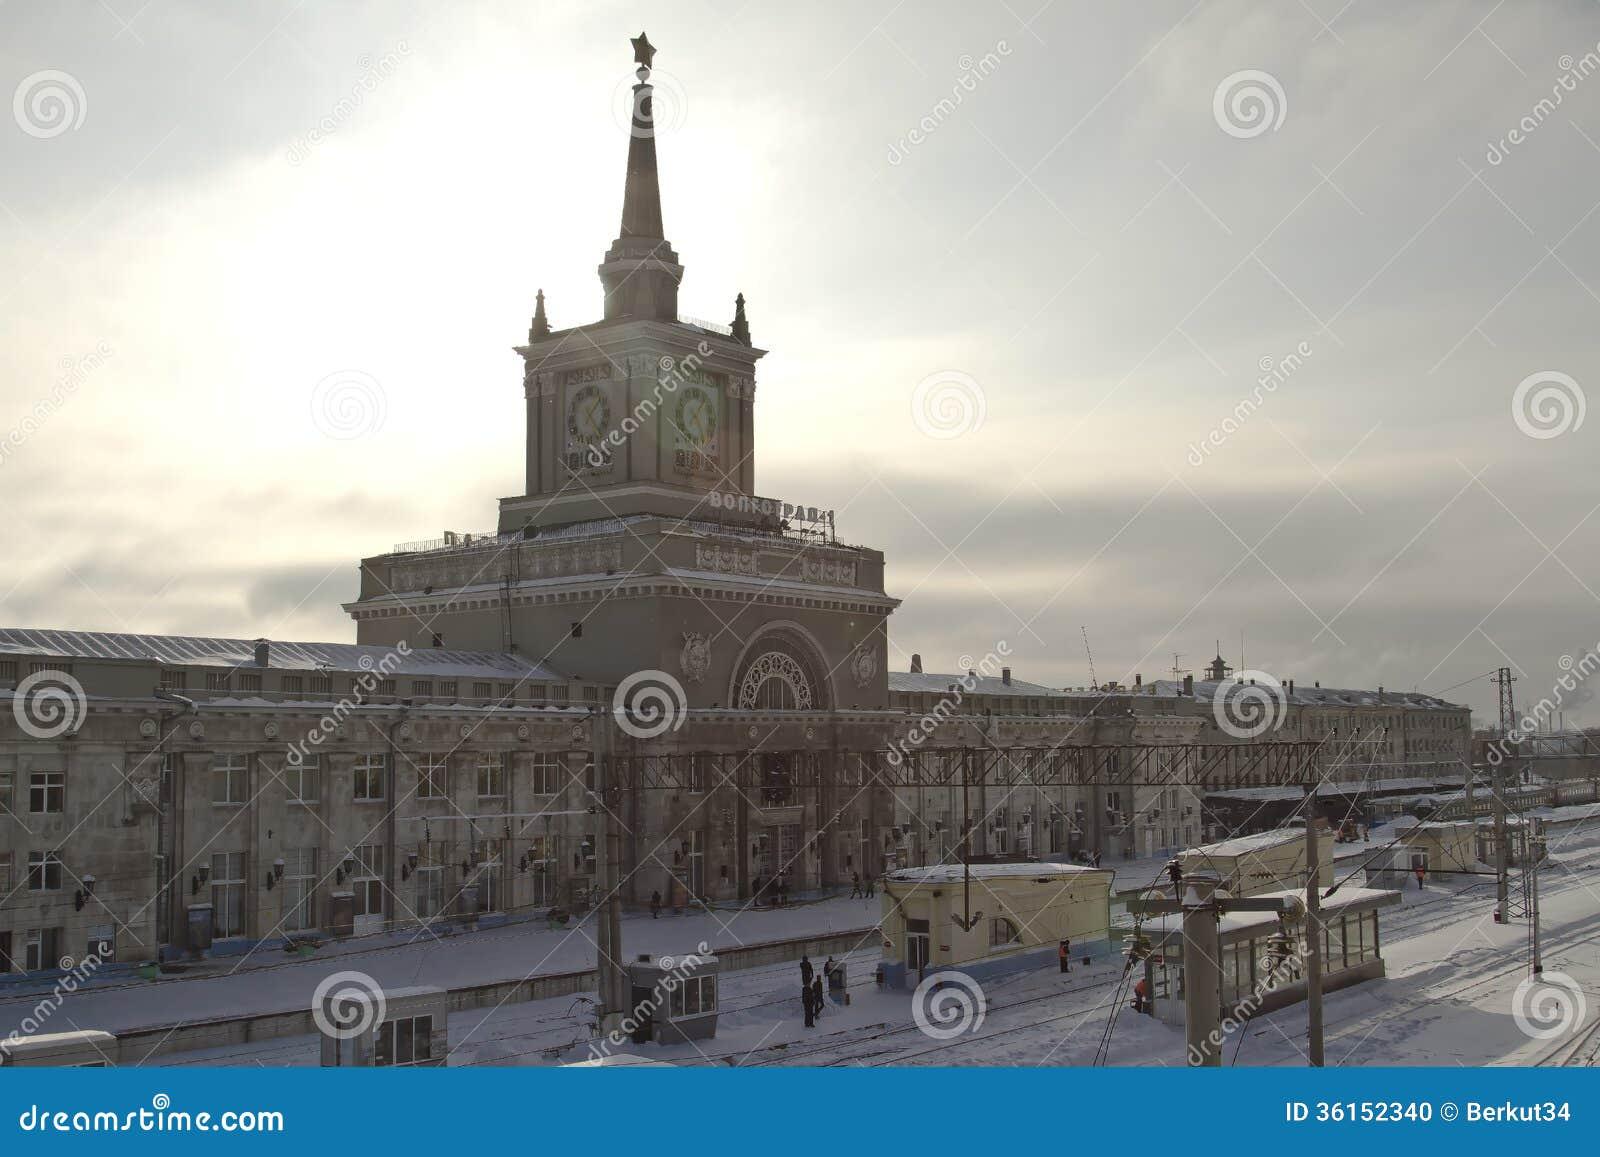 Byggnad av den centrala järnvägsstationen Volgograd-1 i vinter.